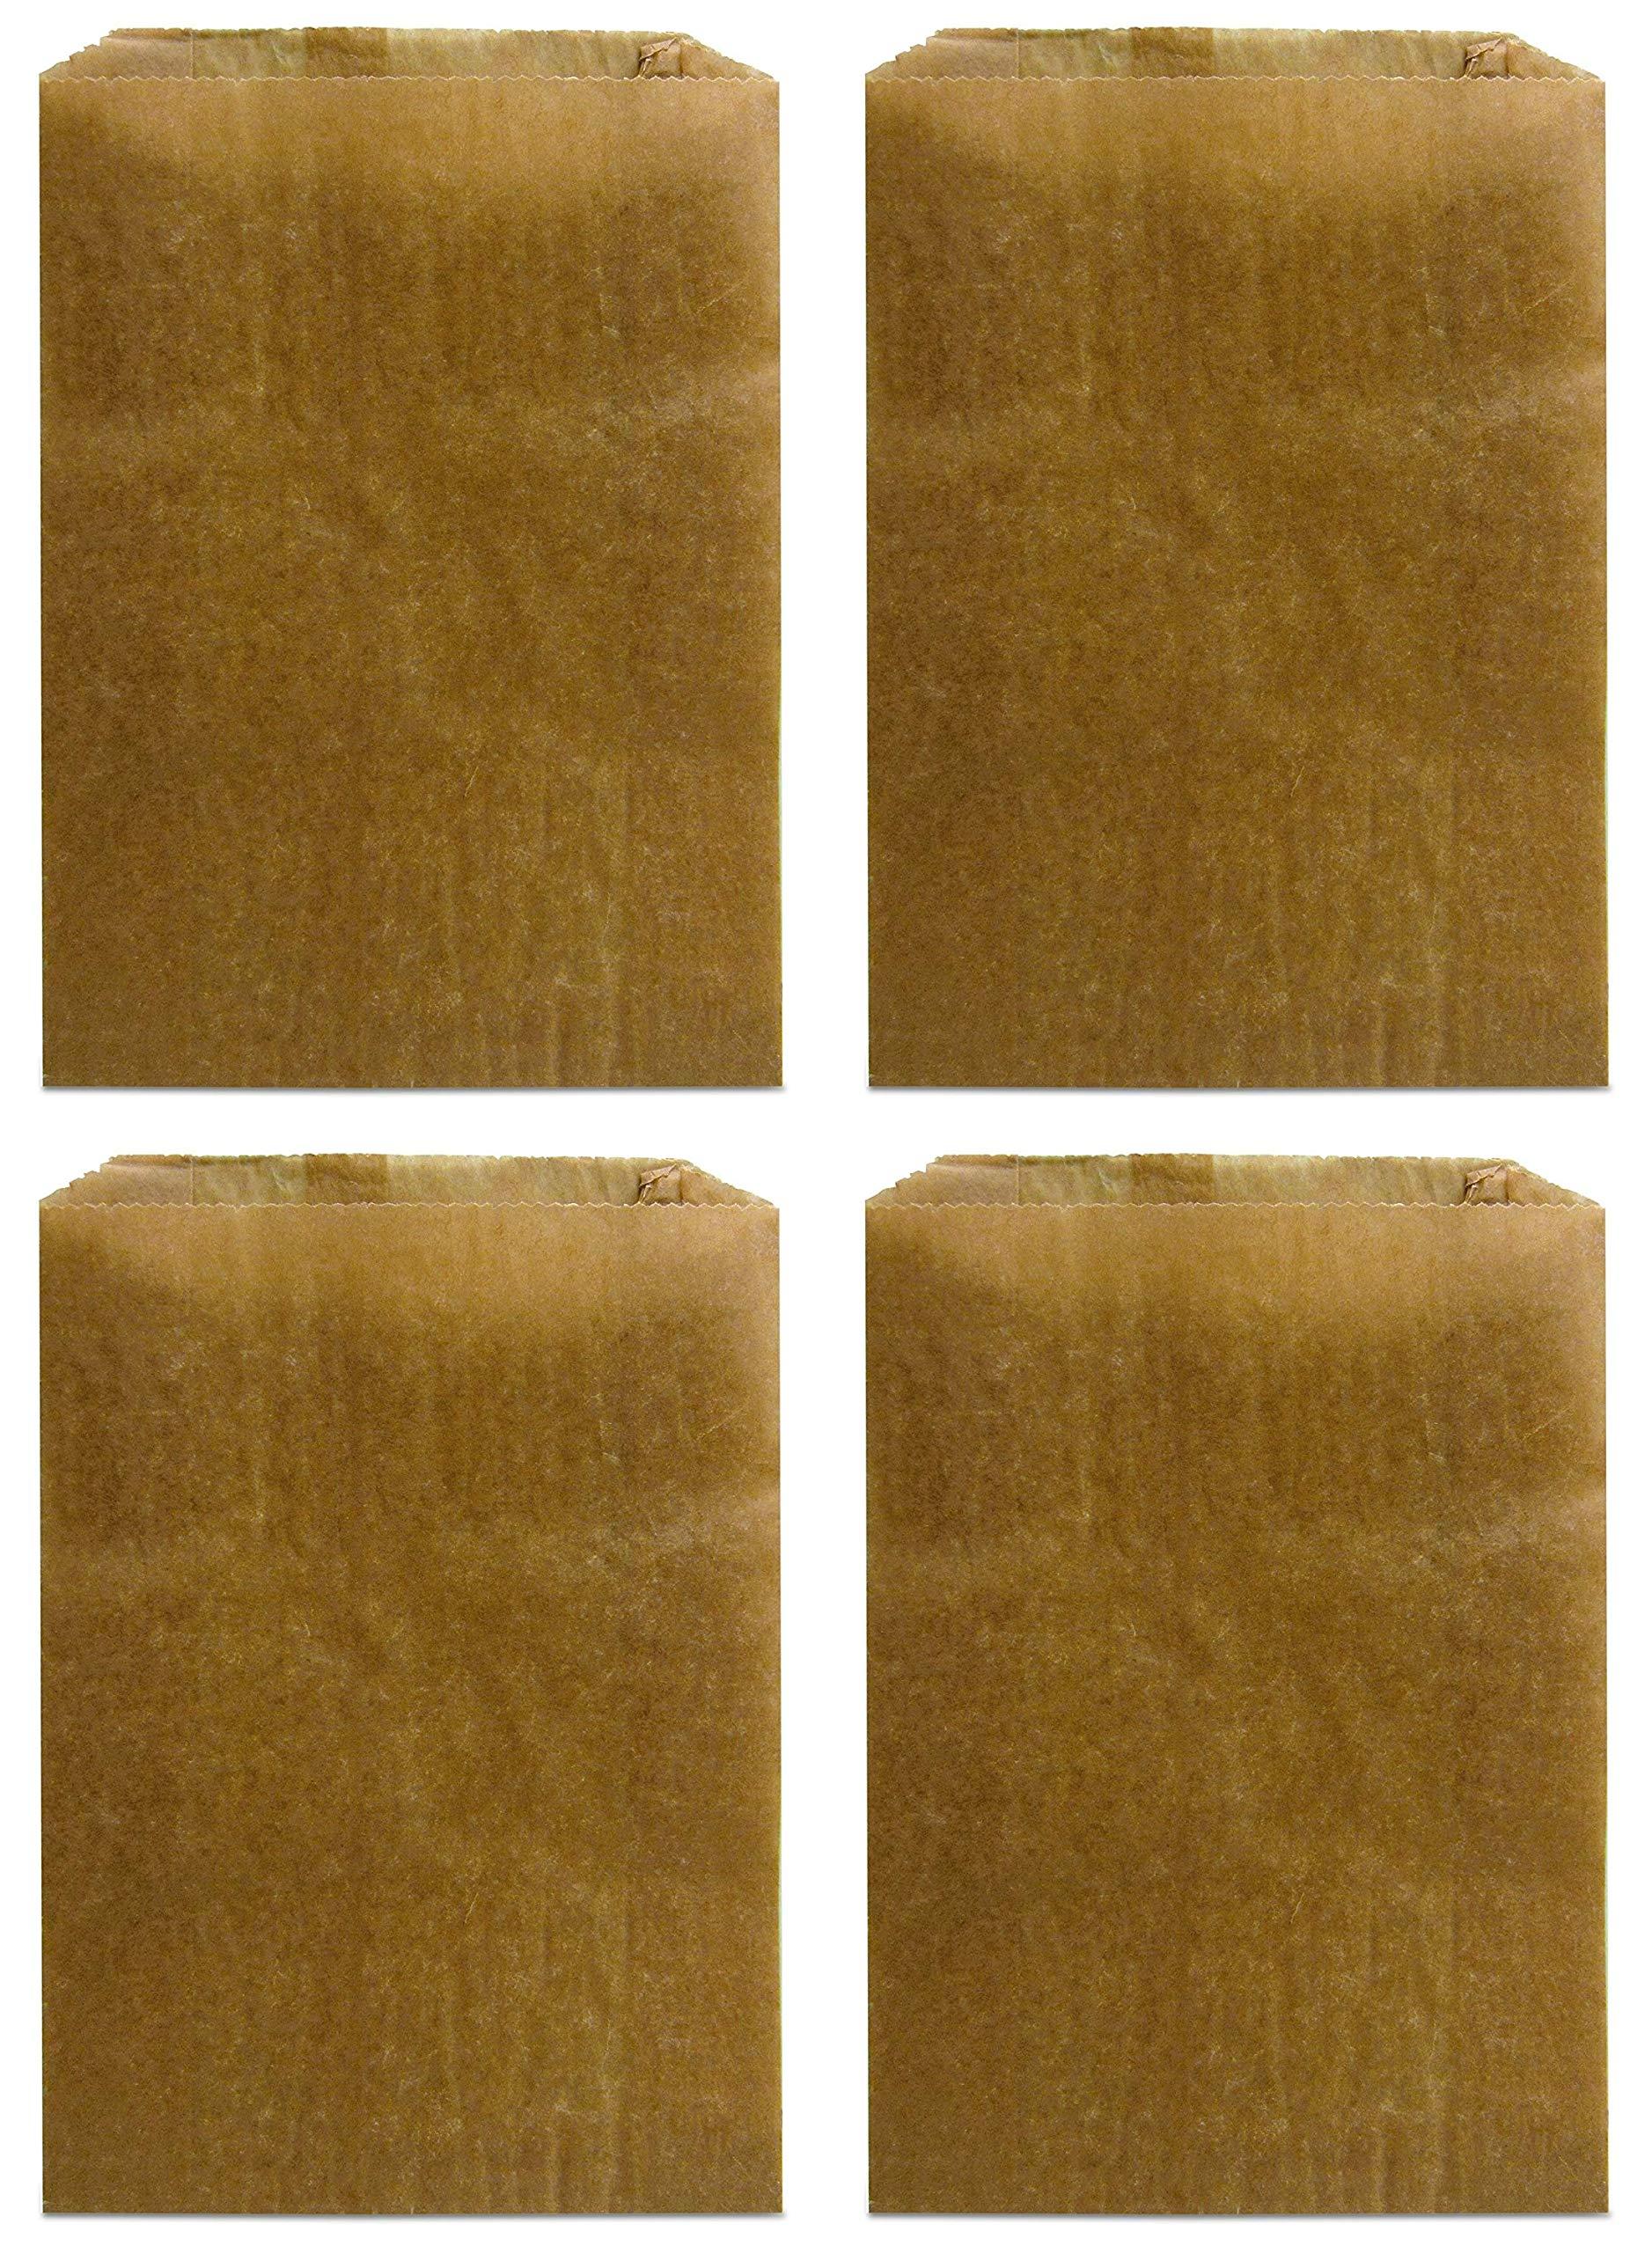 Hospeco KL Waxed Kraft Feminine Hygiene Liner Bag with Gusset (Case of 500), 10.25'' x 7.5'' x 3.5... (Fоur Расk)